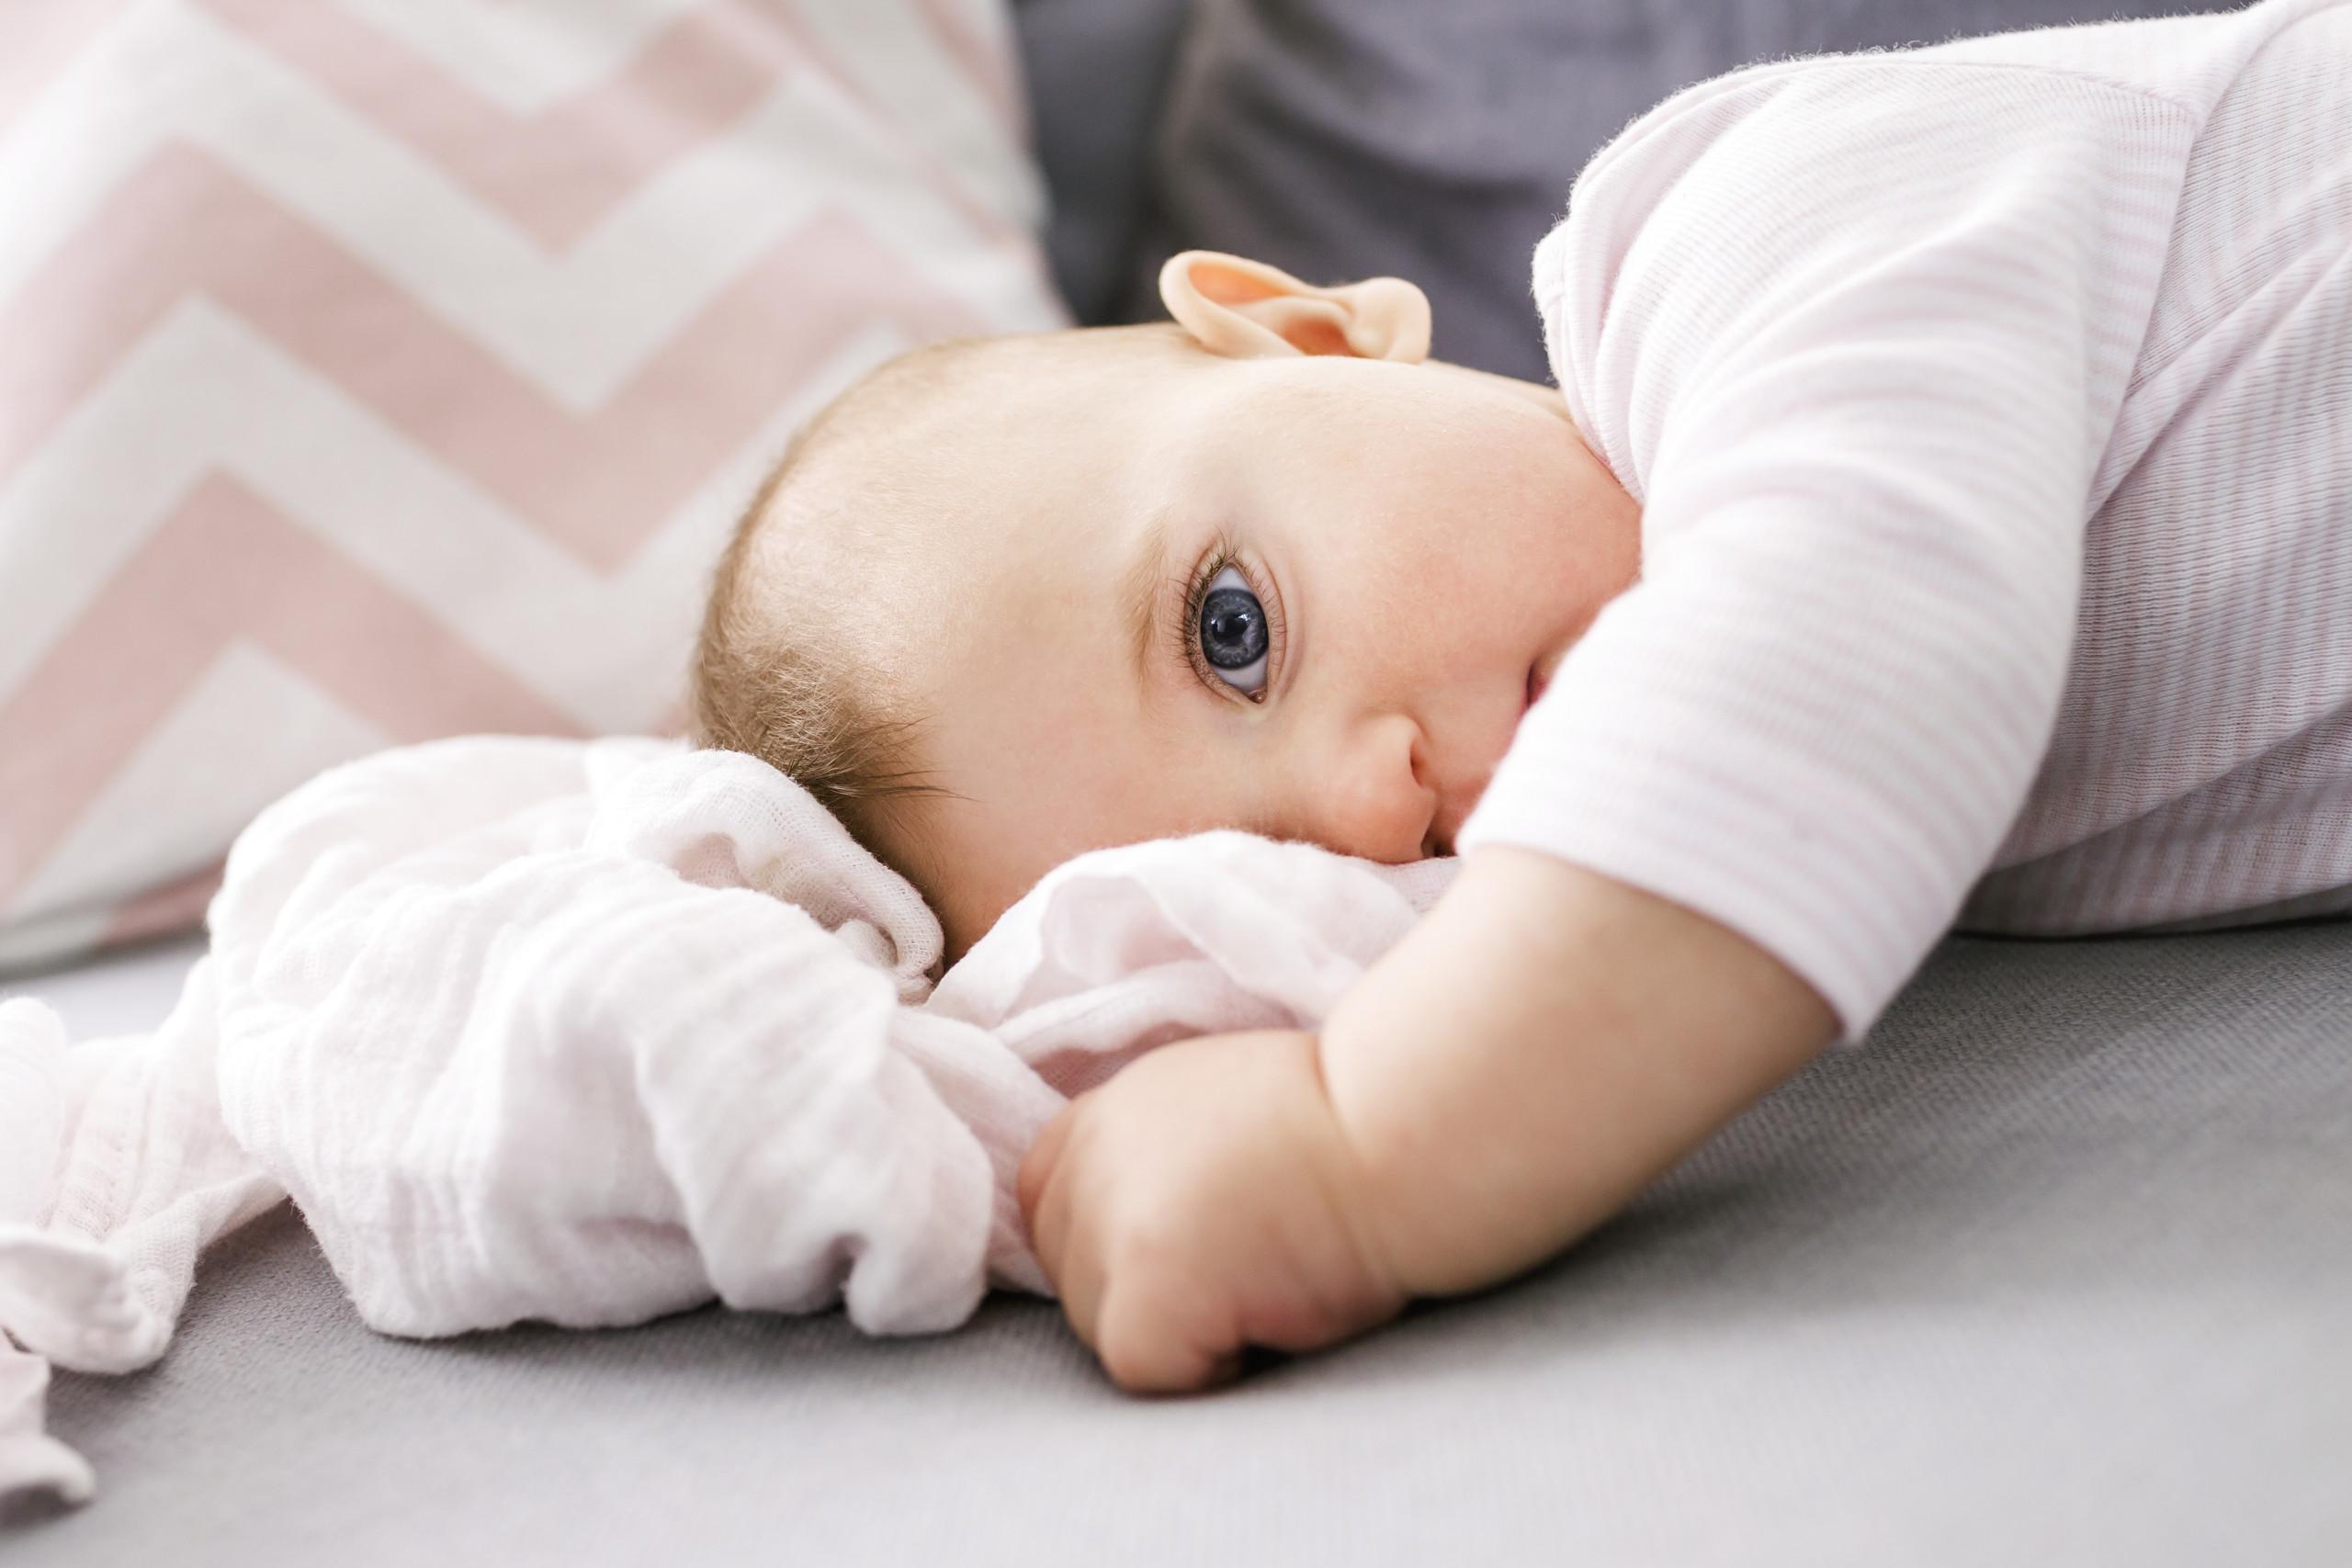 winter baby damit dein baby nicht friert 5 tipps f r die kalte jahreszeit limango magazin. Black Bedroom Furniture Sets. Home Design Ideas